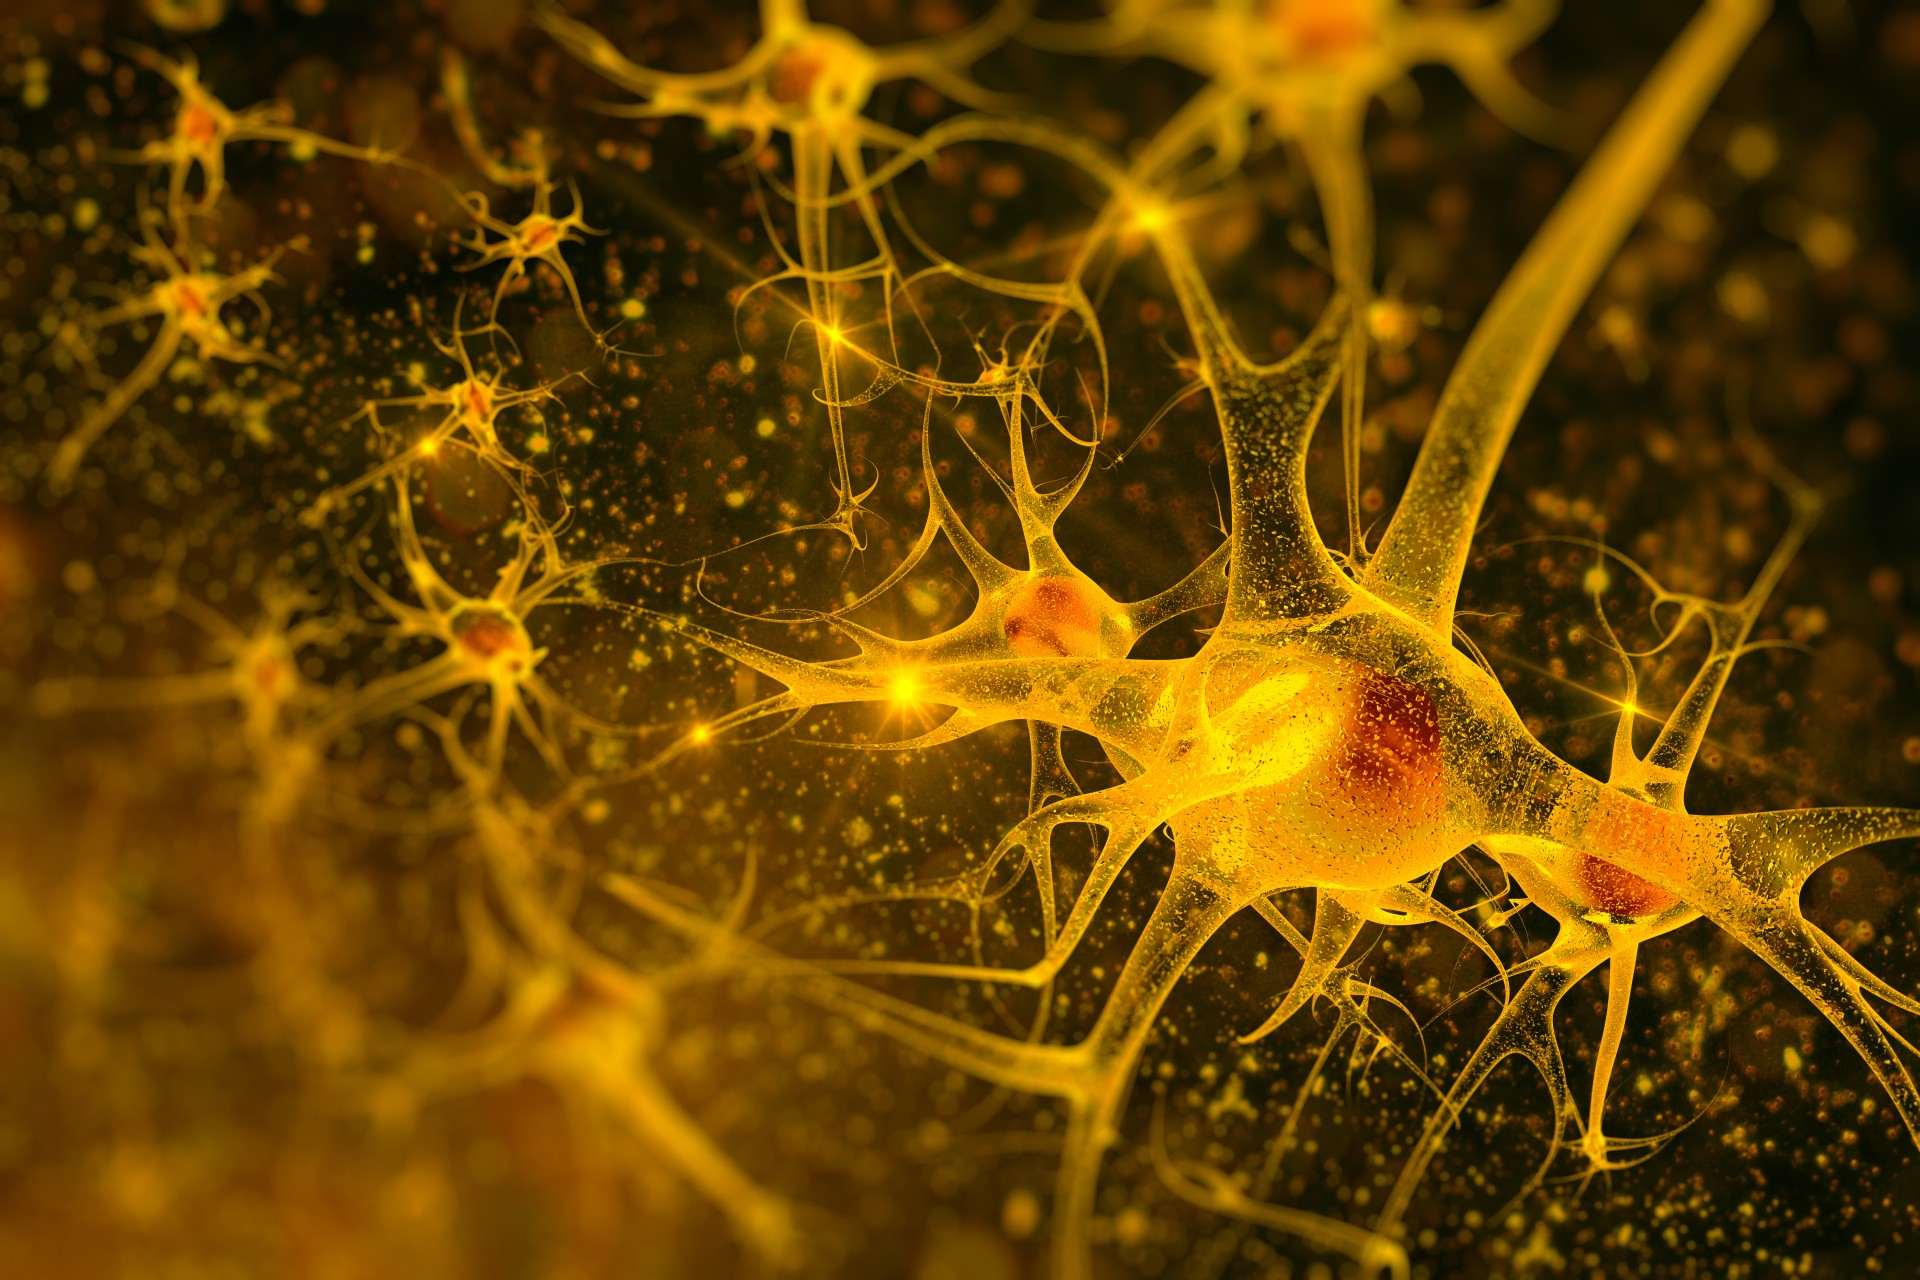 Wiedza i wiara, czyli jak zhackować ludzki mózg